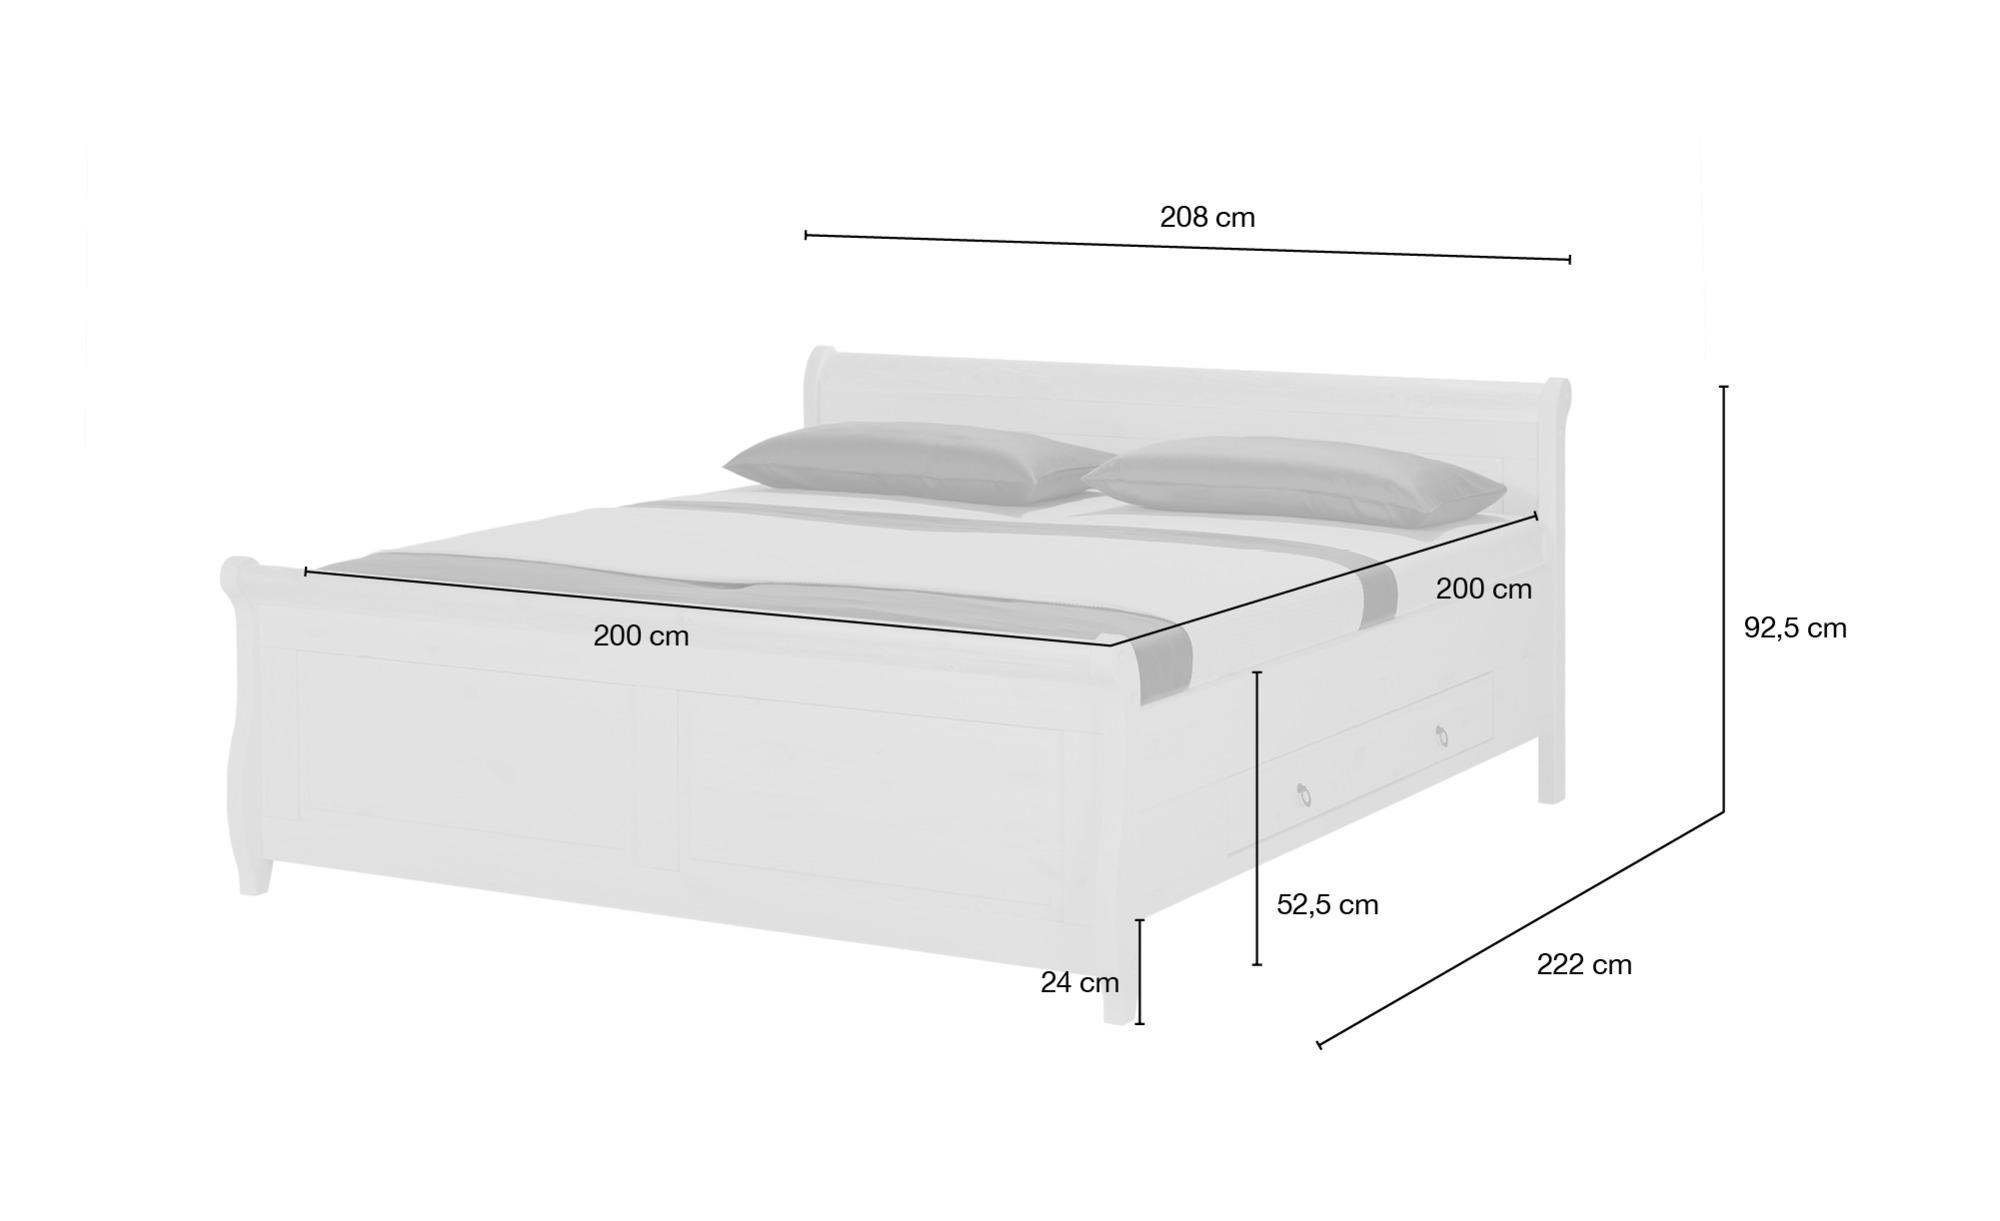 Bettgestell 200x200 Weiß Kiefer Landhaus Stil Bornholm